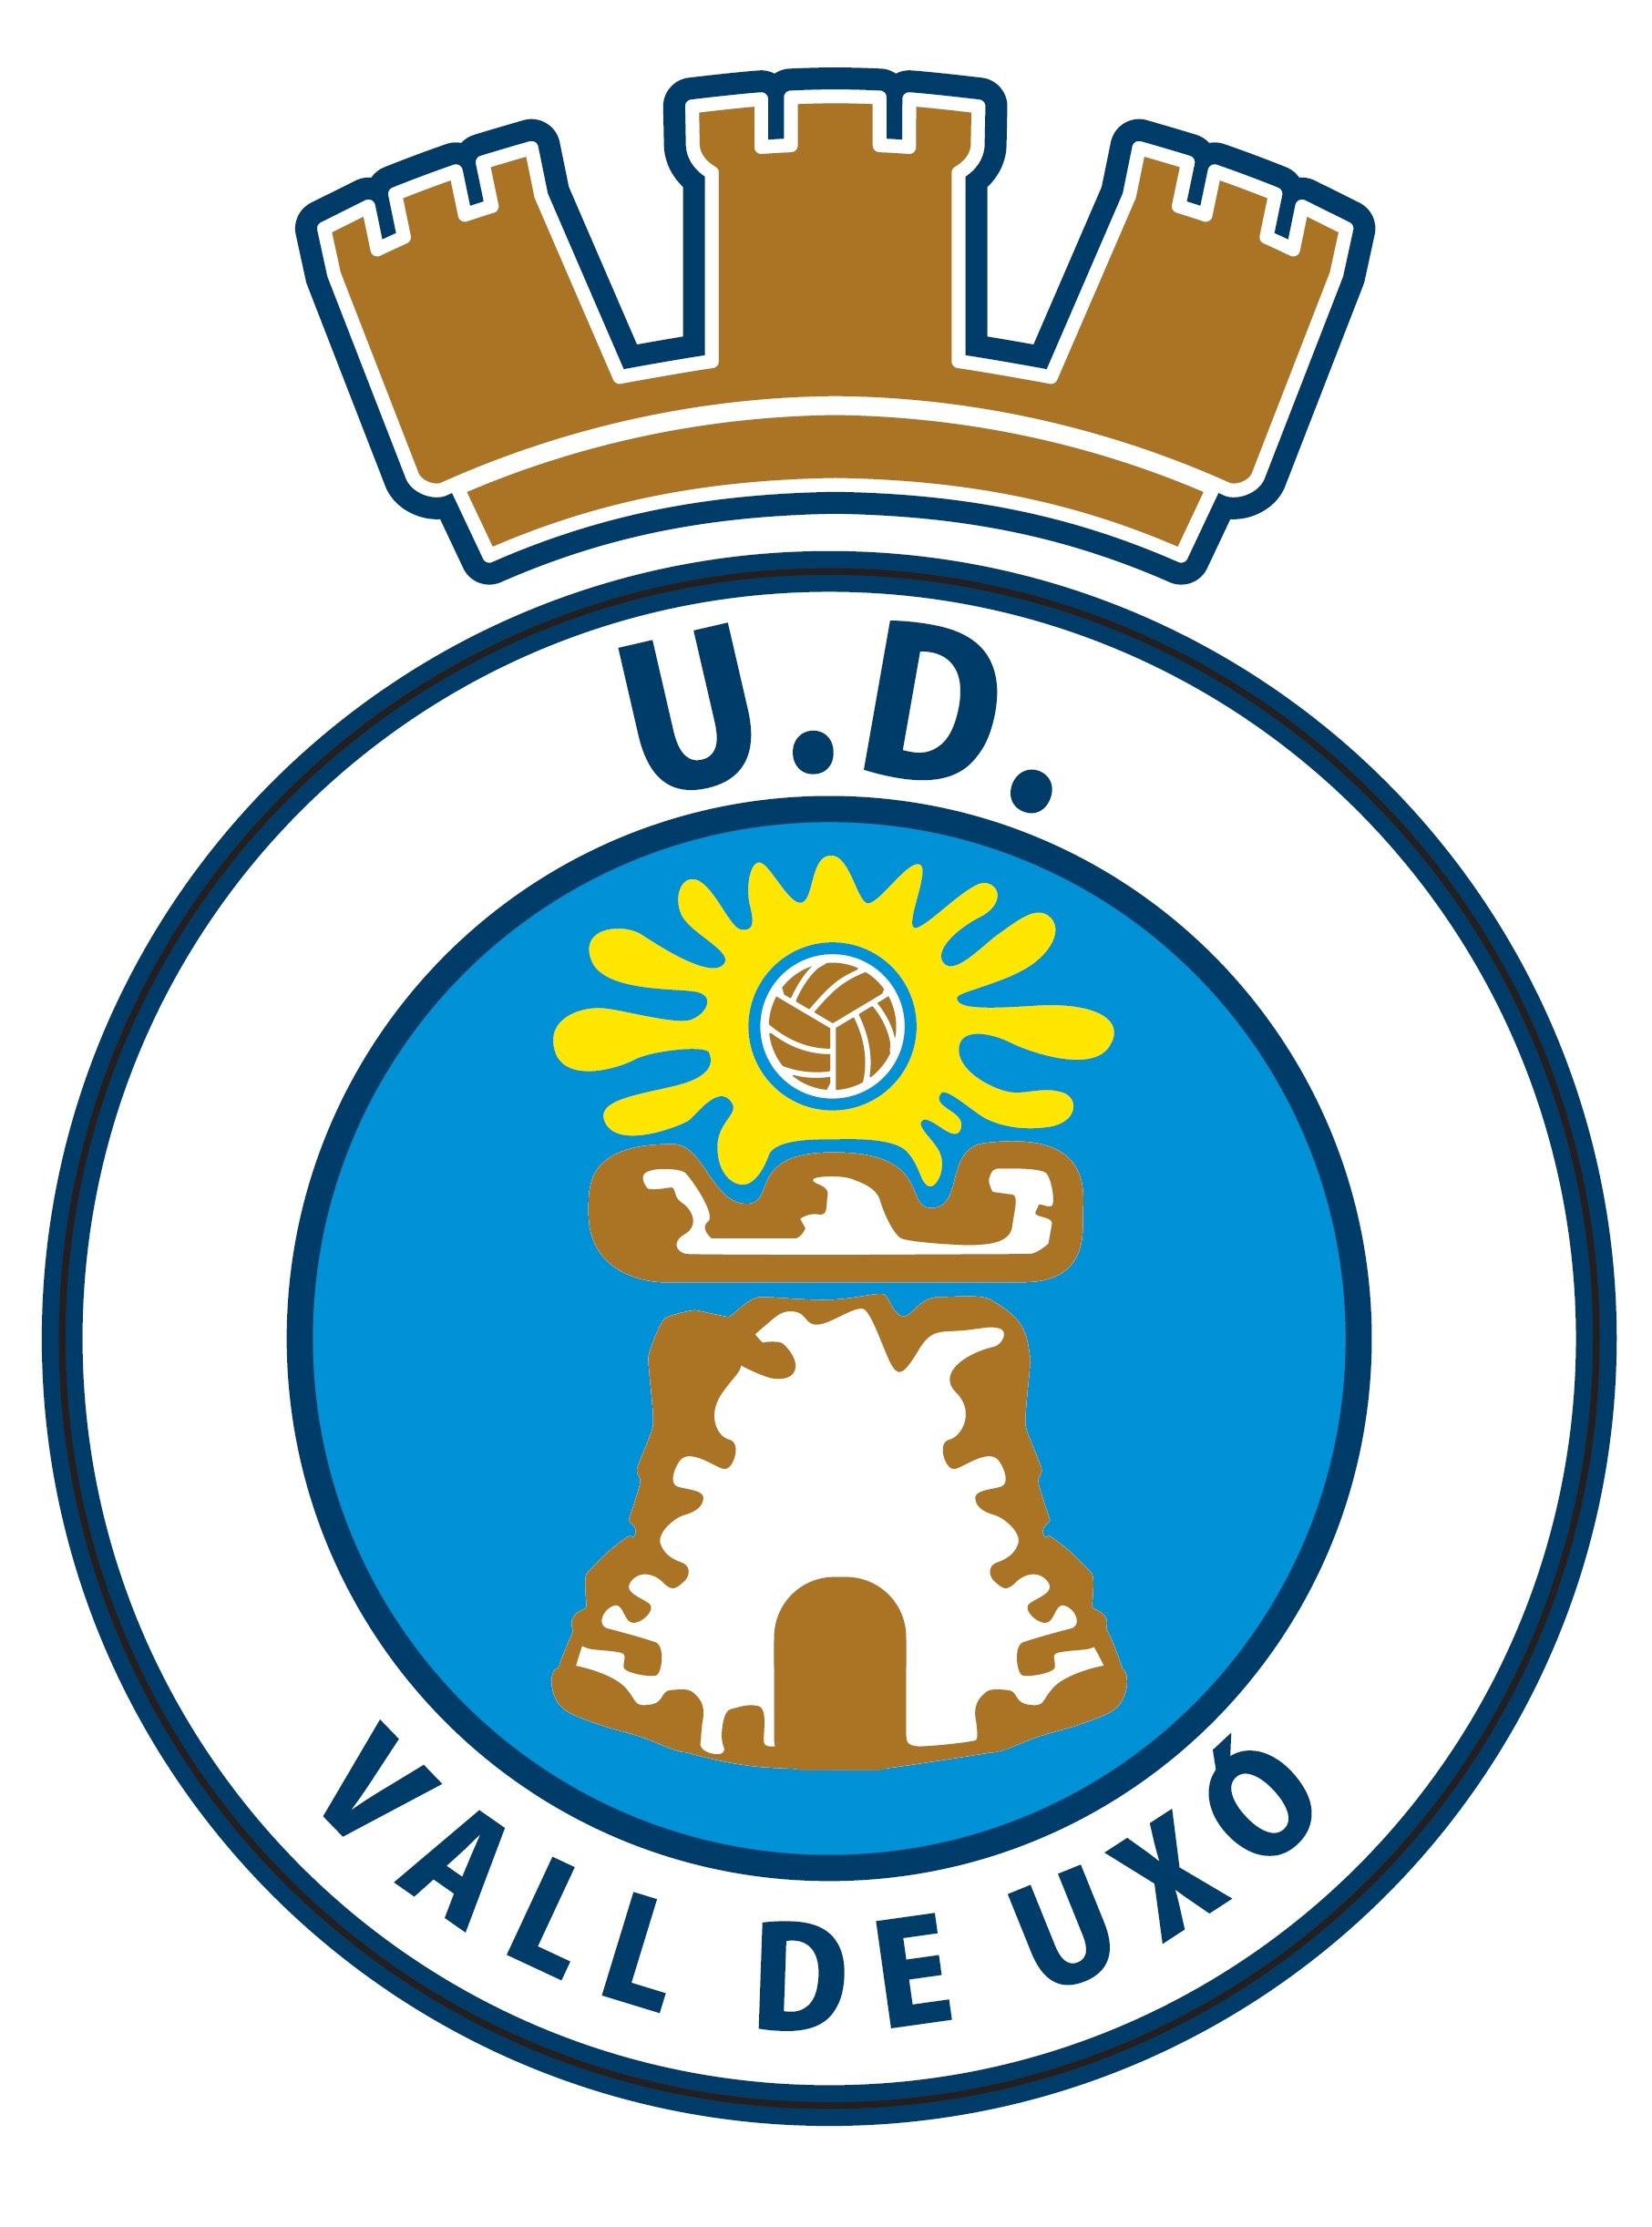 U.D. Vall de Uxo